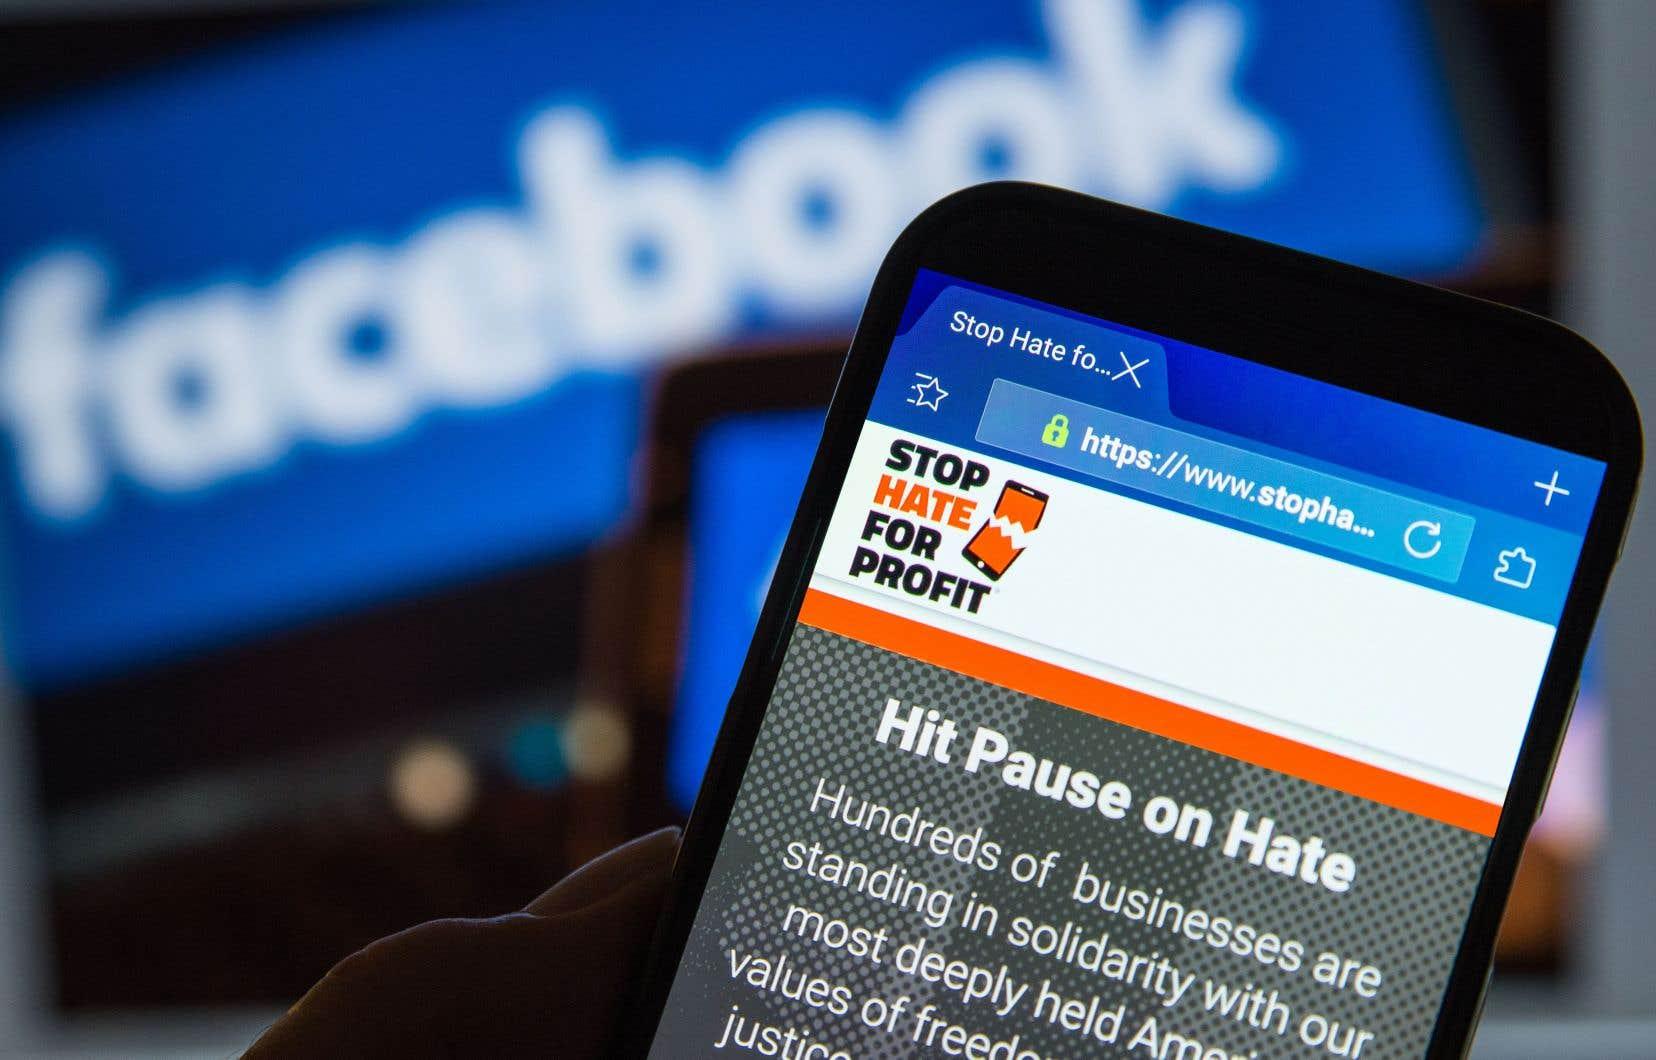 Dans l'actuel appel au boycottage, Facebook s'engage à revoir ses propres dispositifs et règlements par rapport aux fausses nouvelles et à la vérification des faits, sans compromettre sa position de défenseur de la liberté d'expression sur le Net.